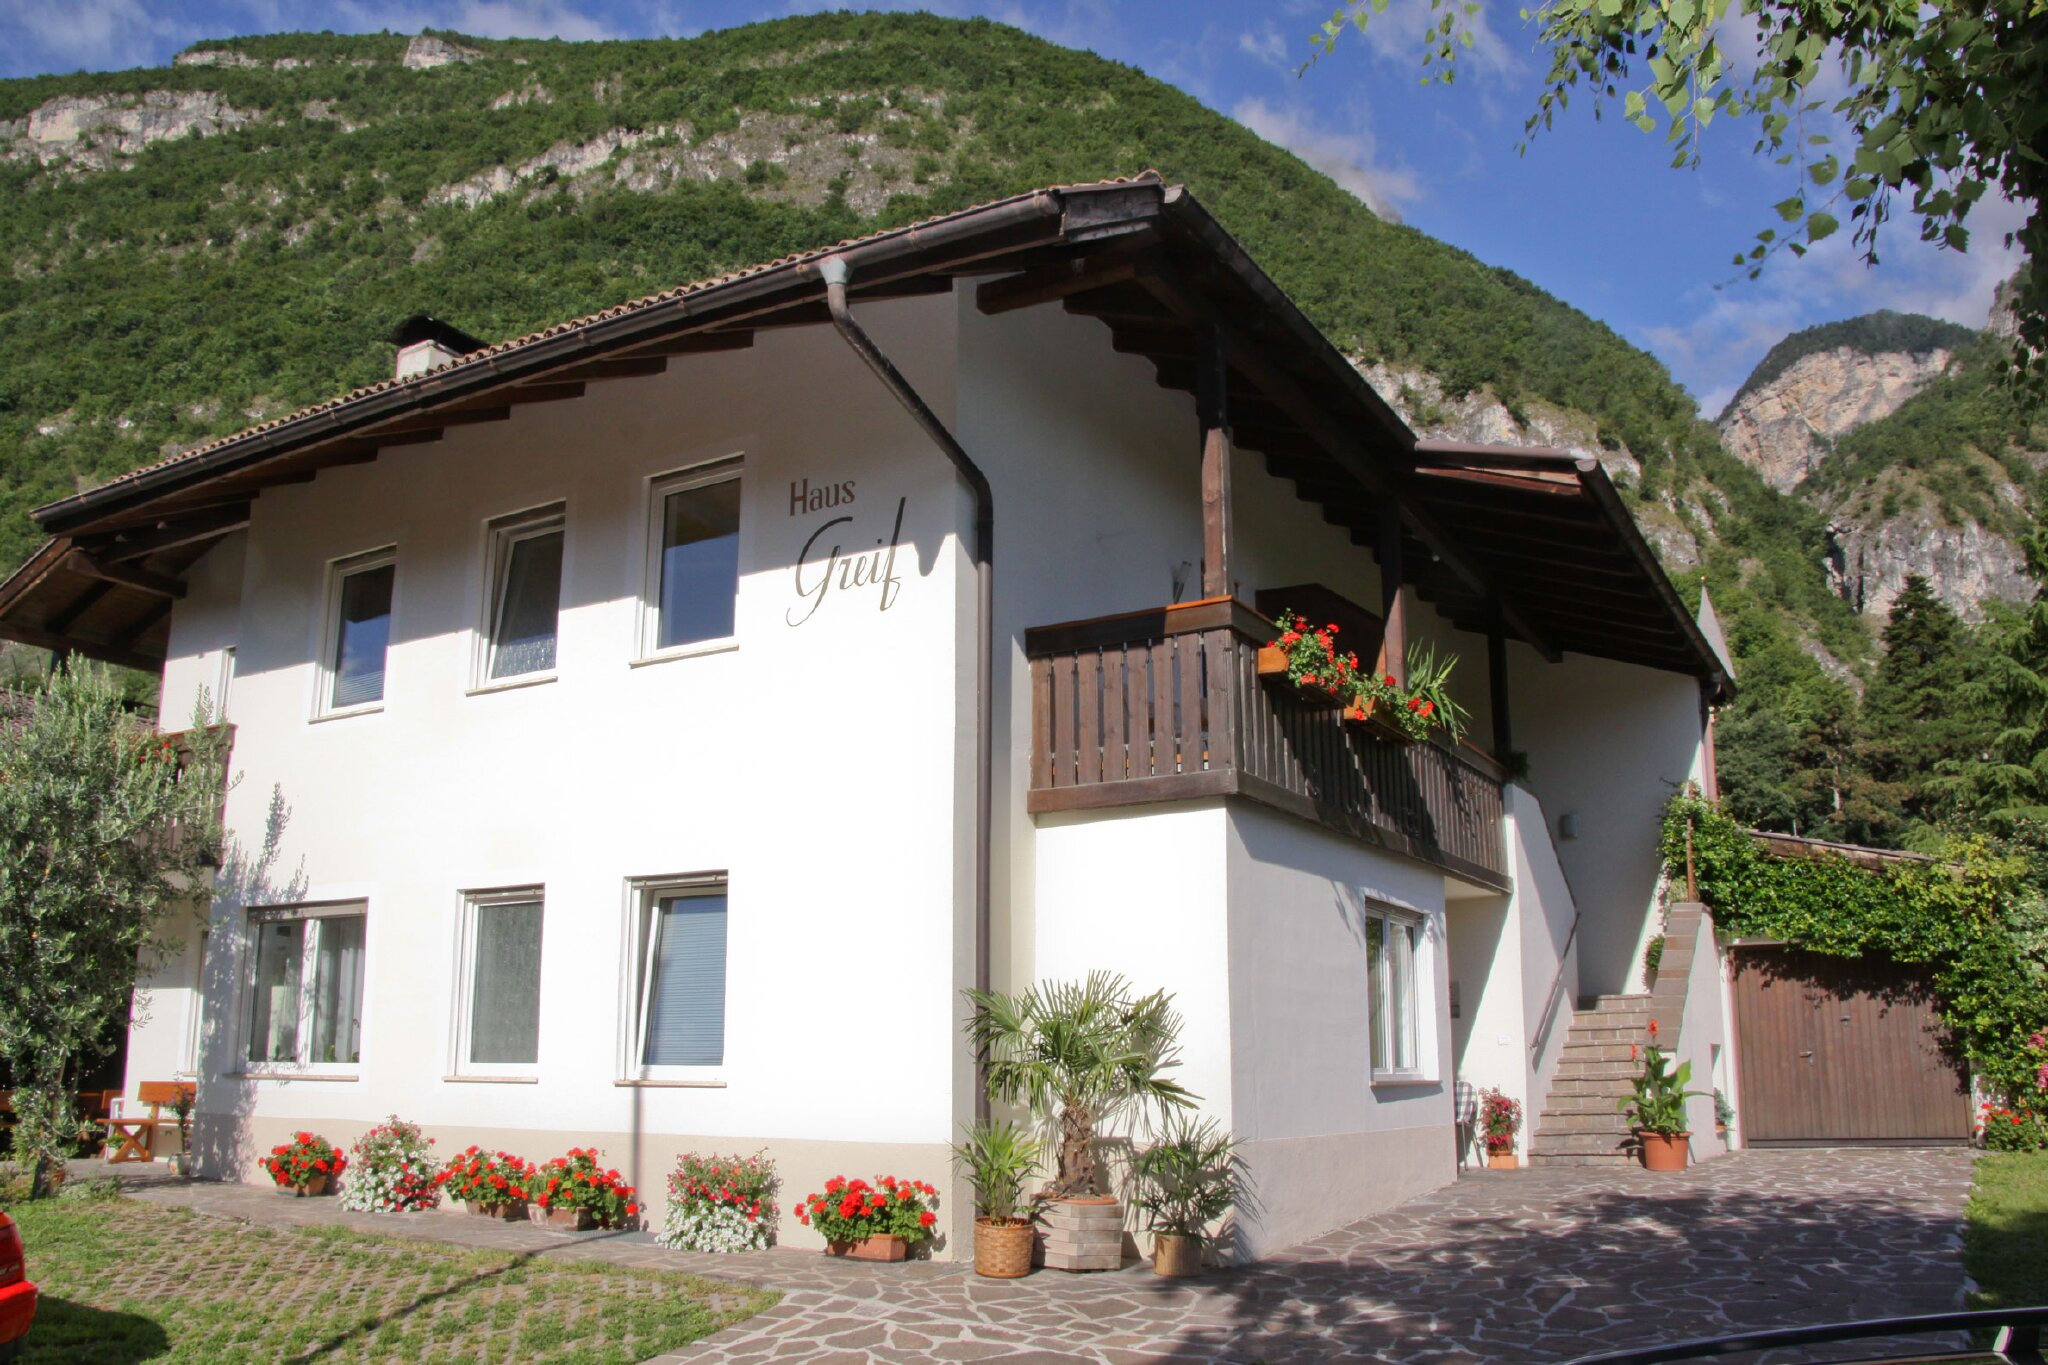 Haus Greif in Margreid an der Weinstraße